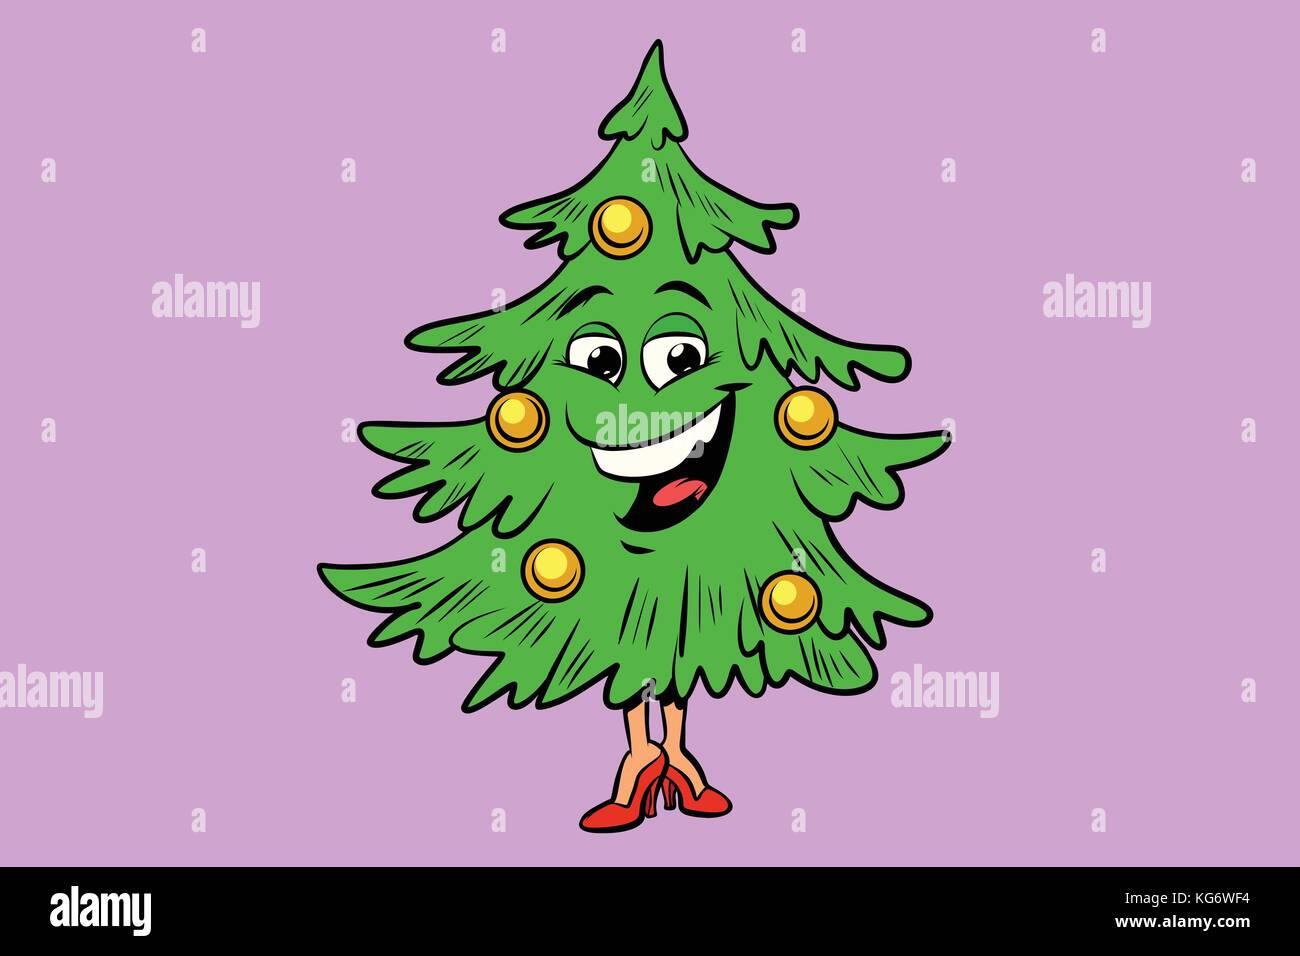 Weihnachtsbaum Comic.Weihnachtsbaum Niedlich Smiley Charakter Comic Cartoon Pop Art